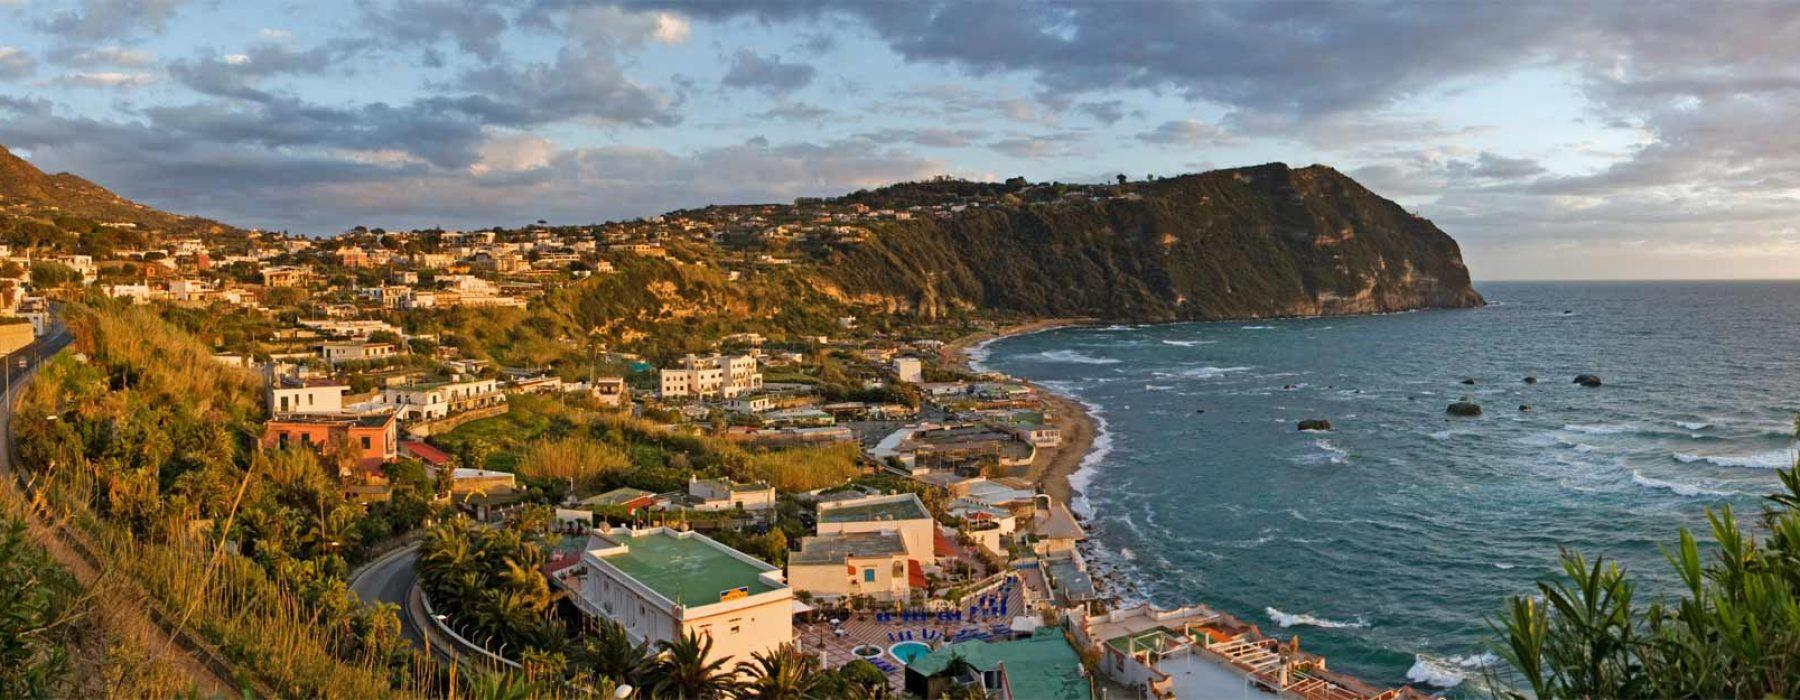 Règne de deux Sicilies: les plus belles terrasses surplombant la mer, Mortella, Negombo et Villa San Michele